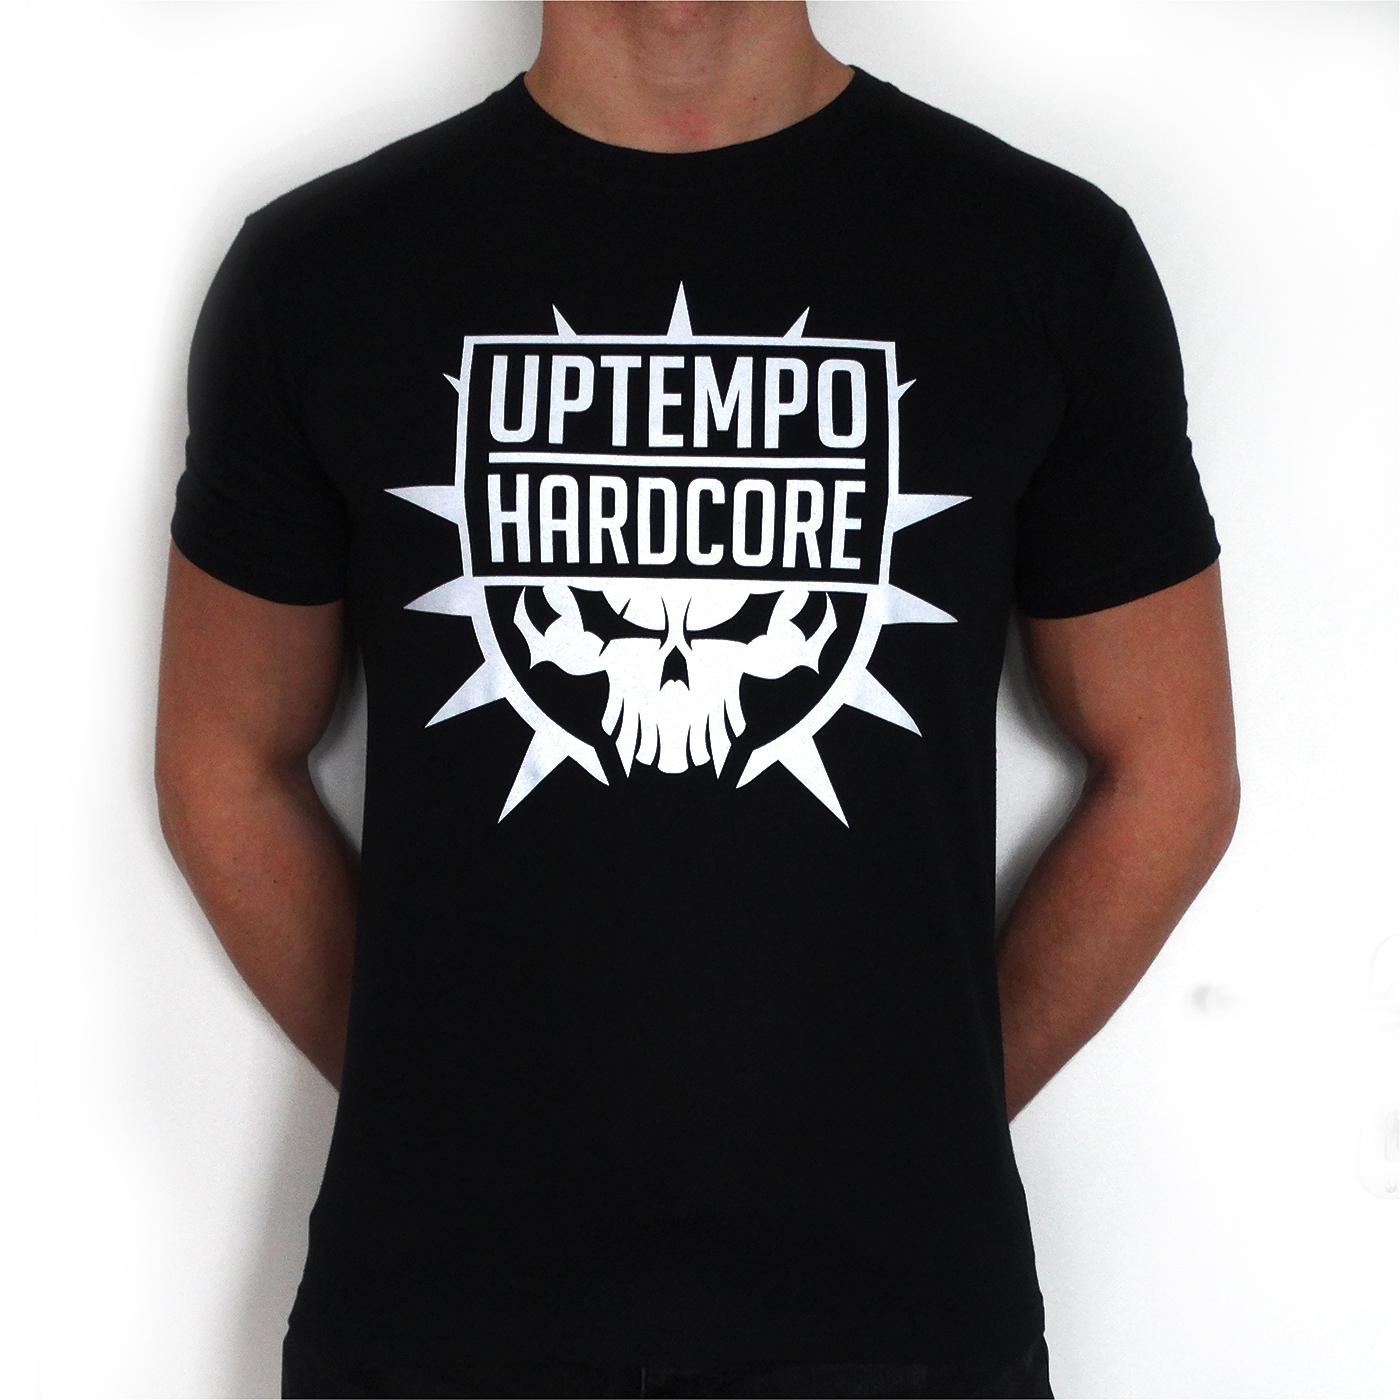 Hardcore Shirts 89